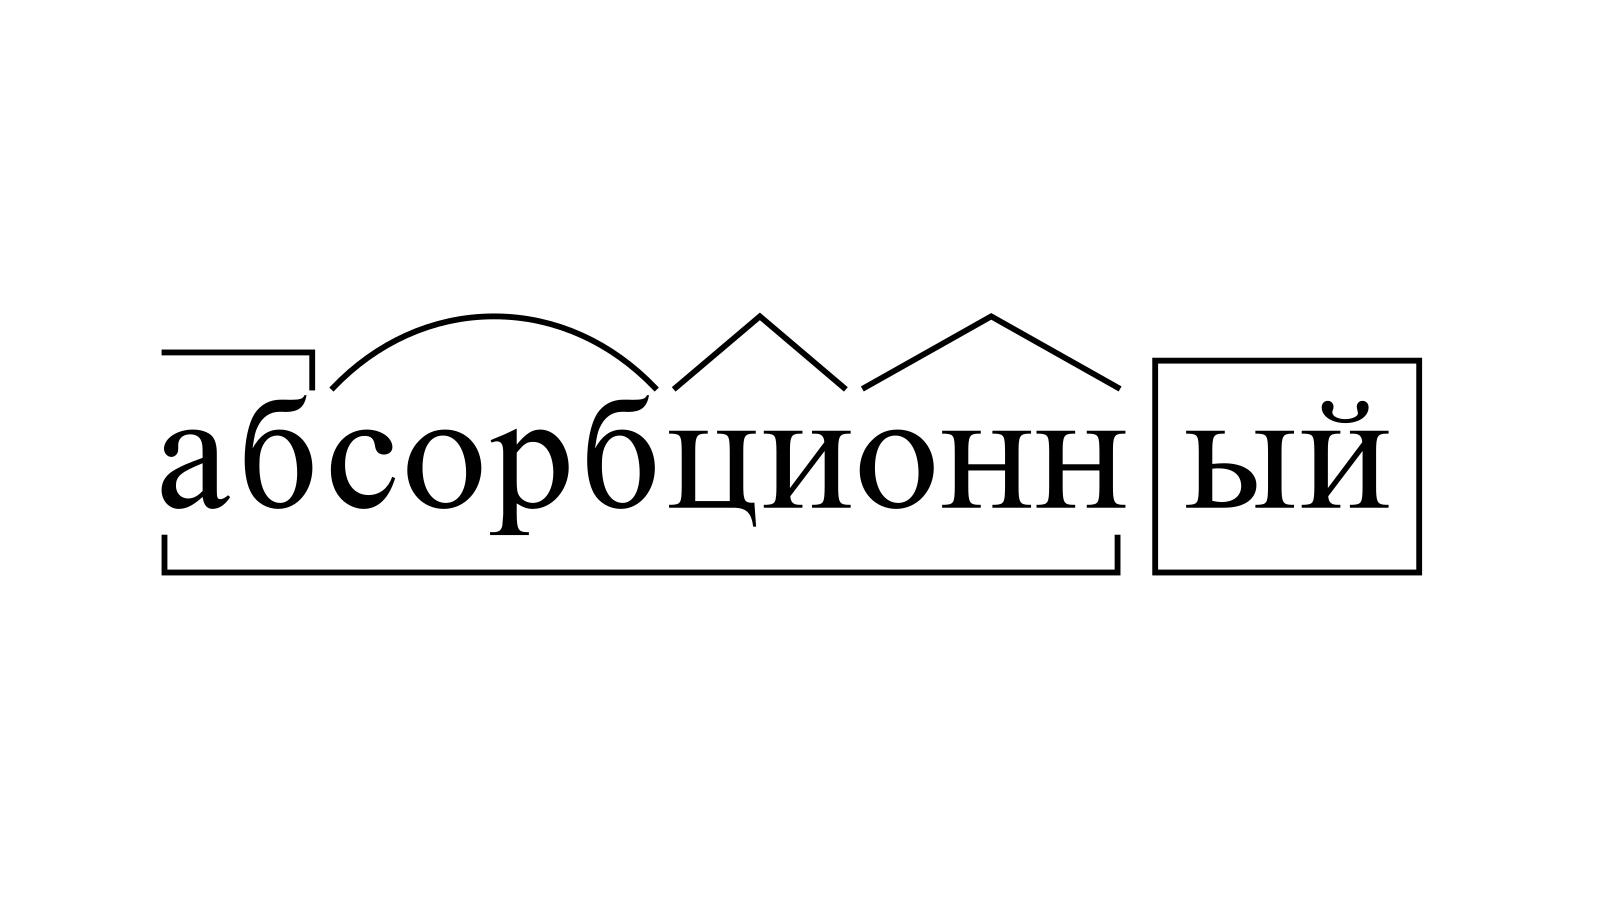 Разбор слова «абсорбционный» по составу